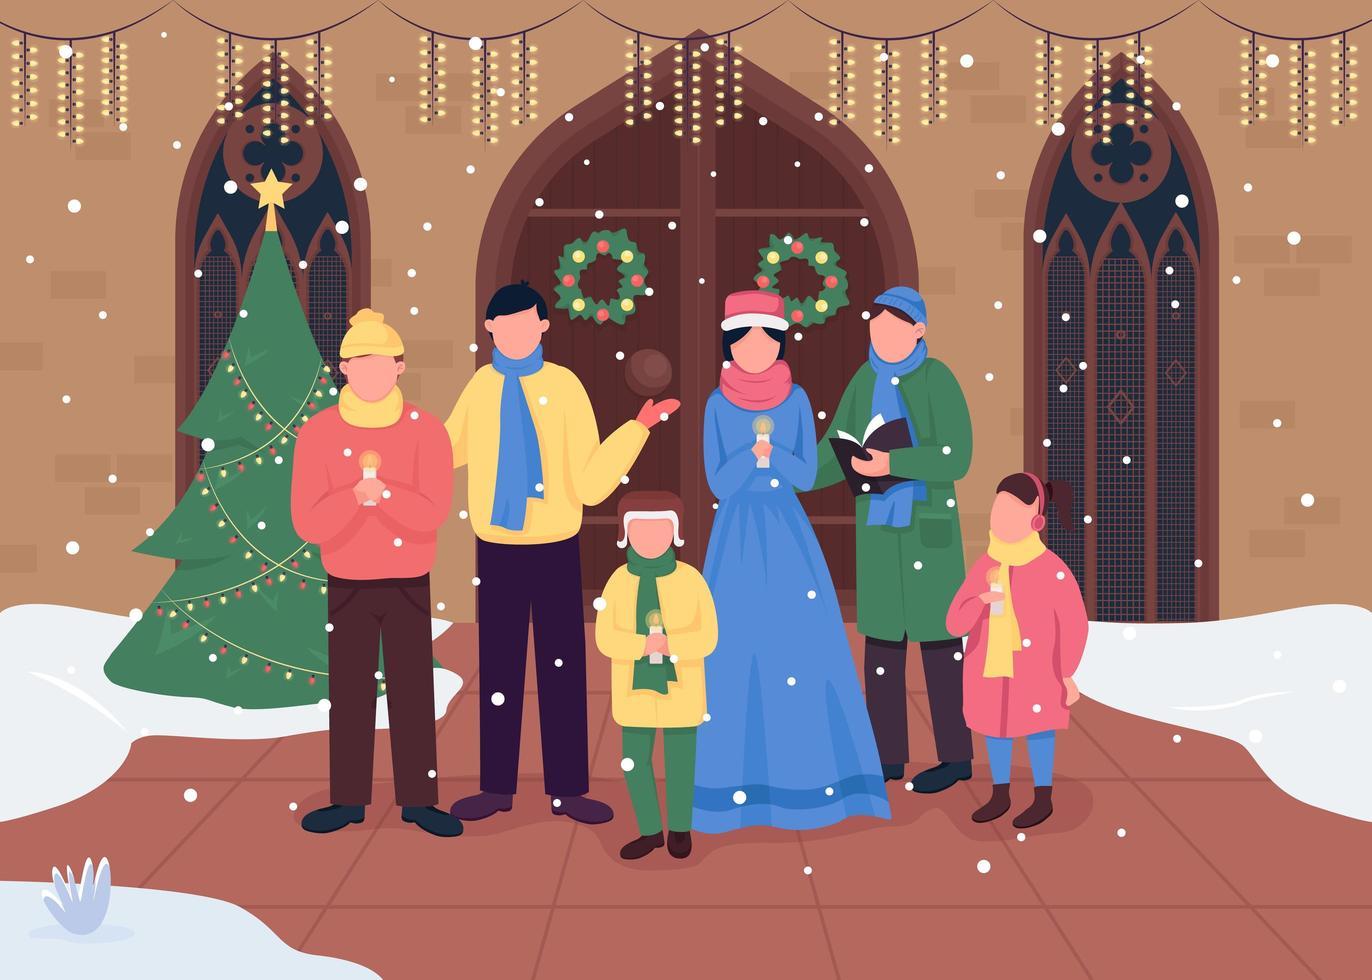 kerstkerkkoor vector